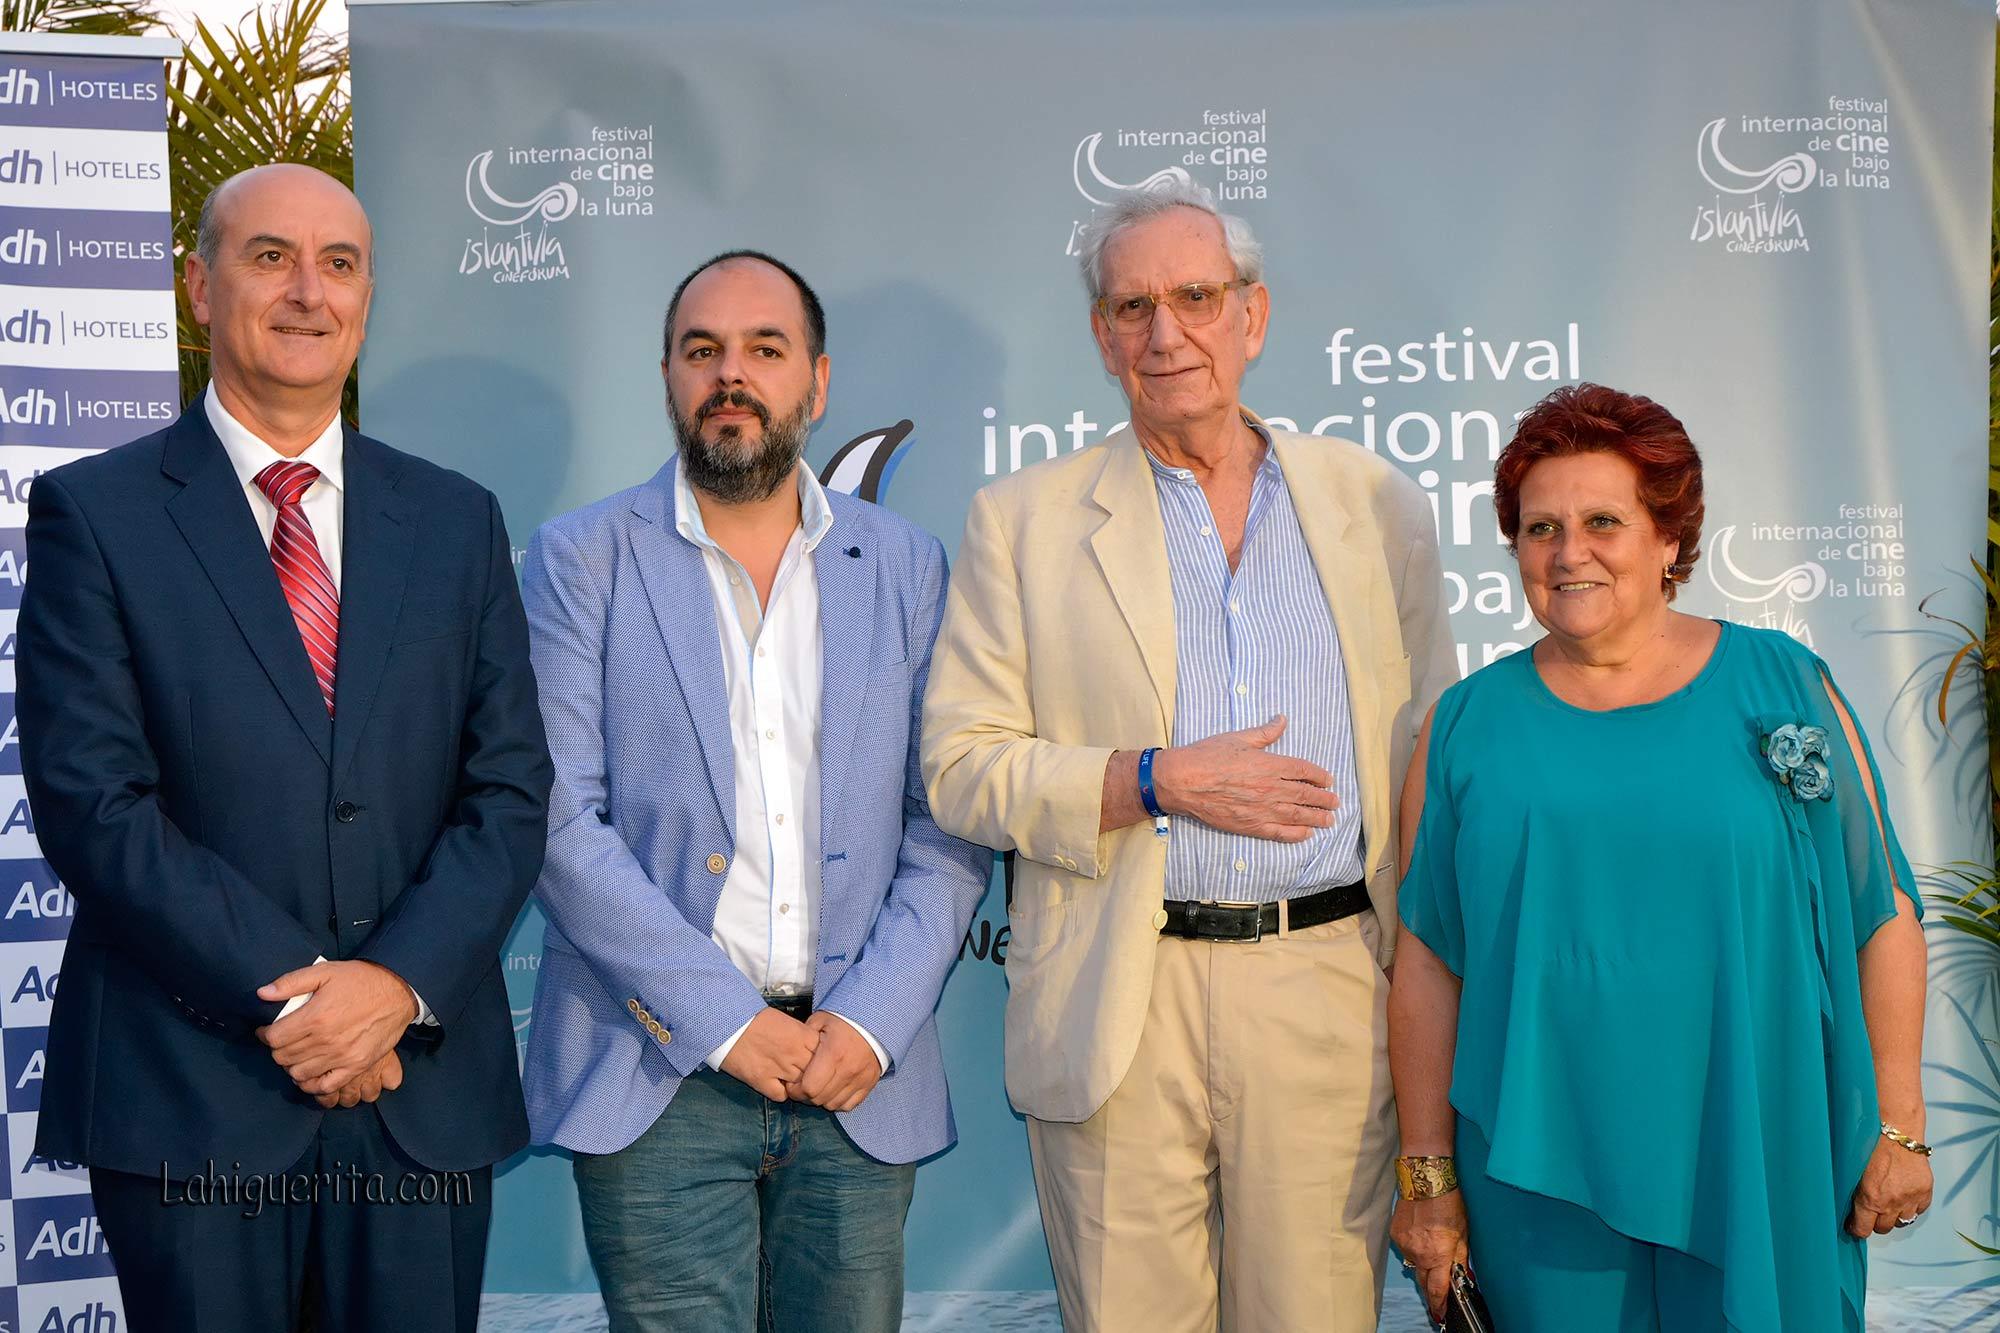 Juan-Manuel-Gonzalez-Esteban-Magaz-Jaime-Chavarri-Antonia-Grao-_DSC8197